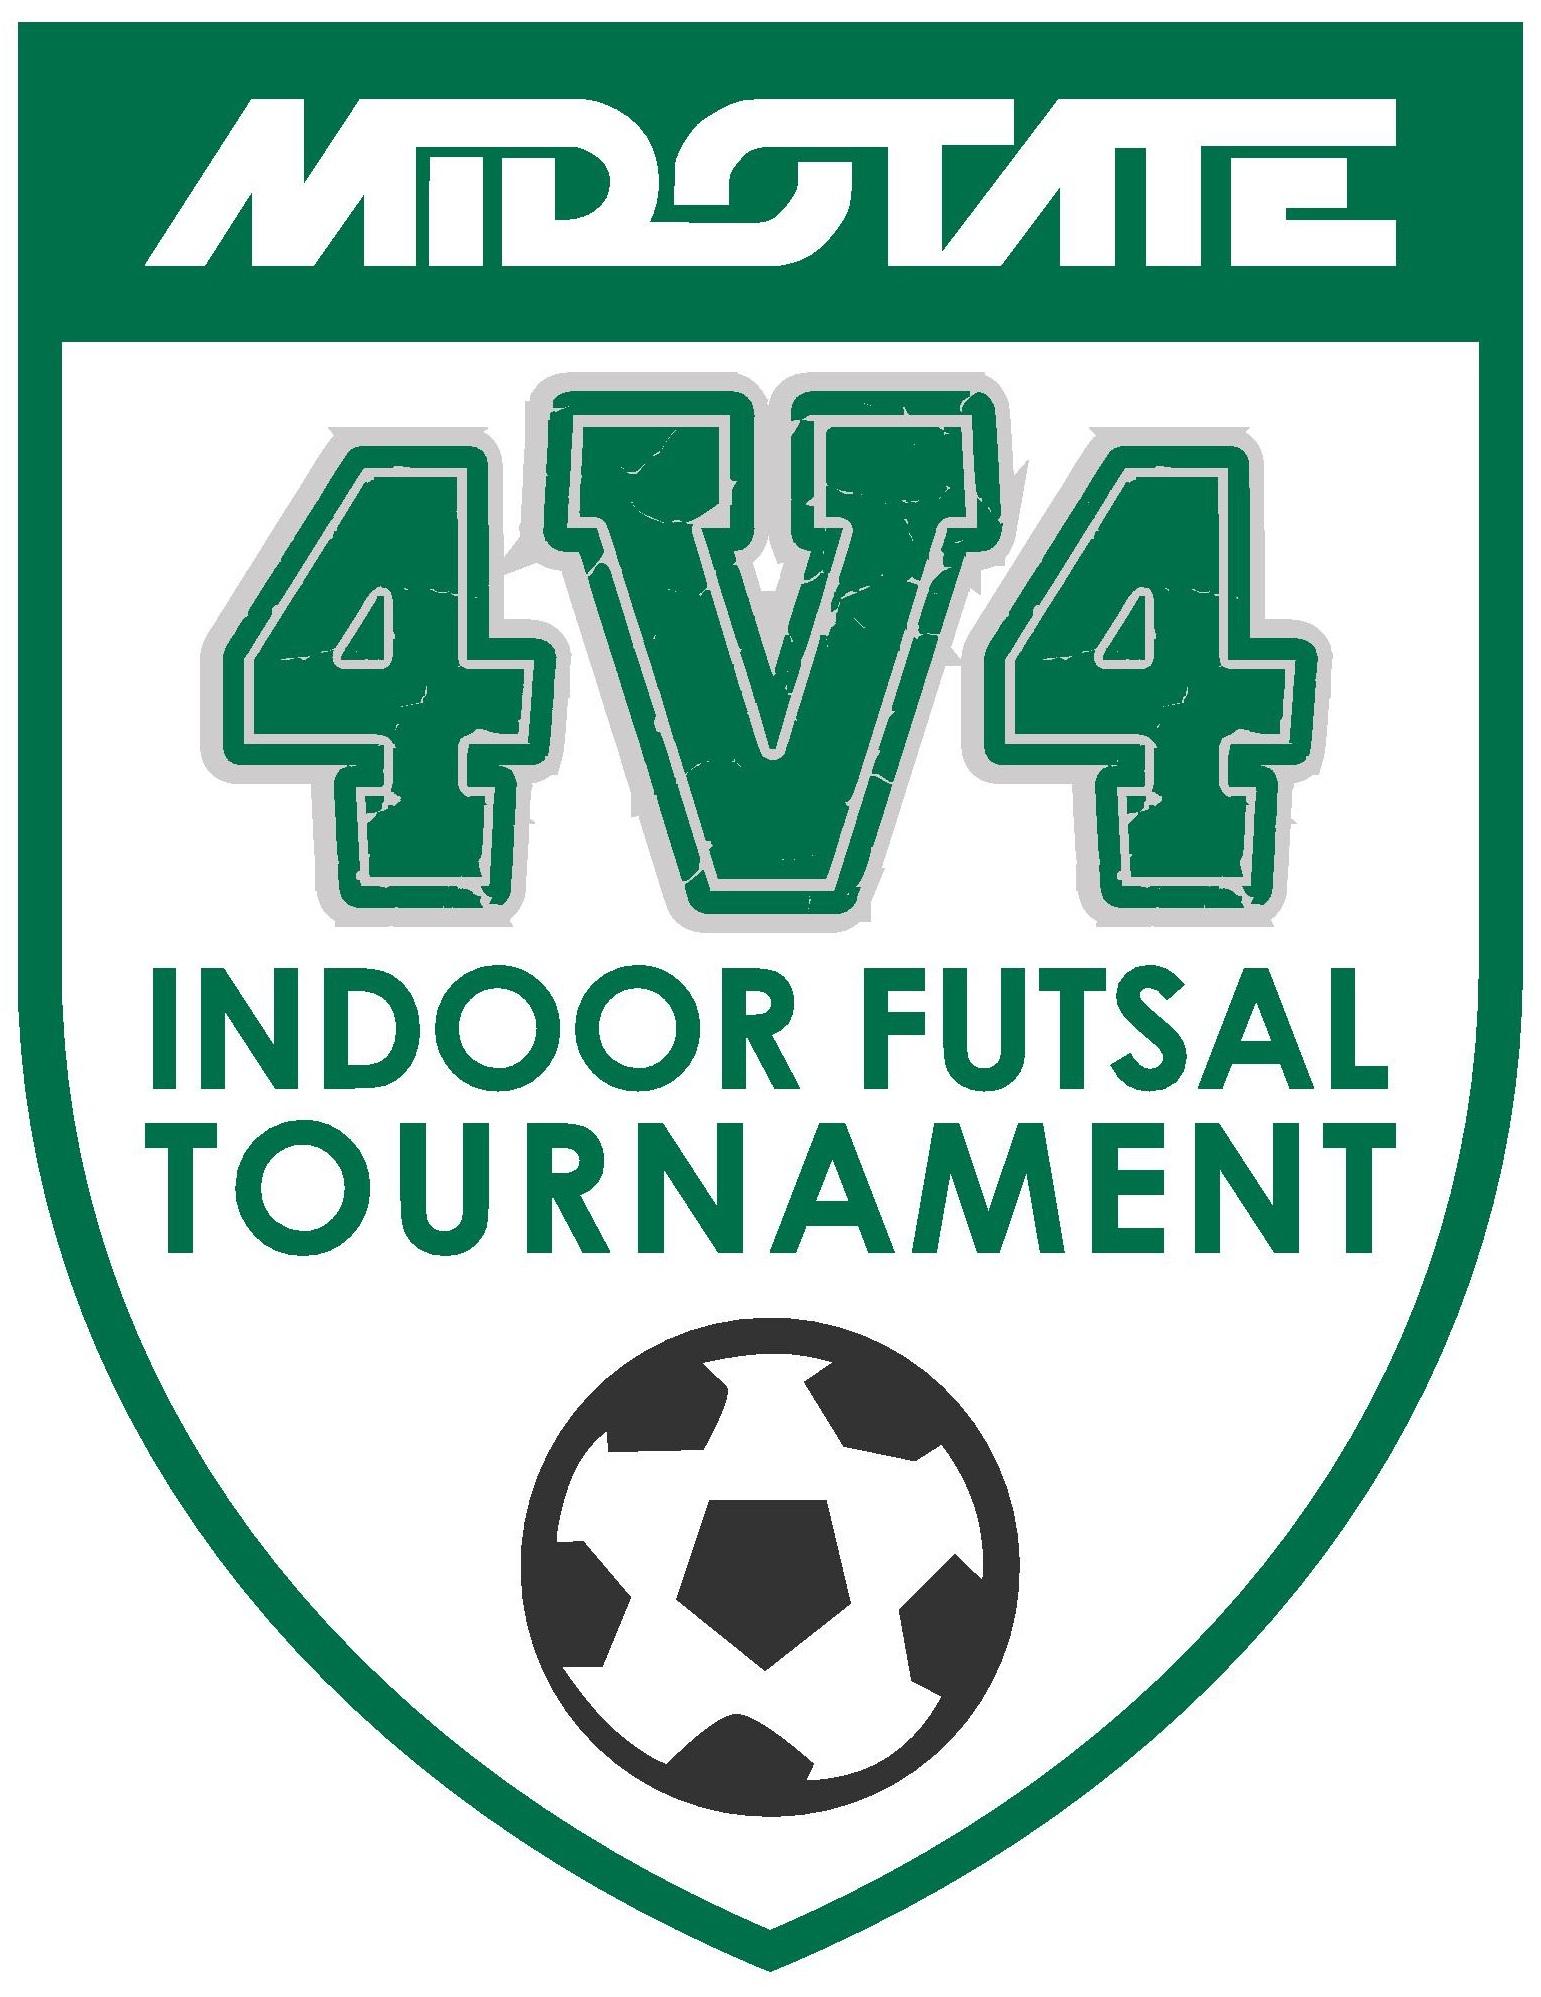 4v4 logo cropped.